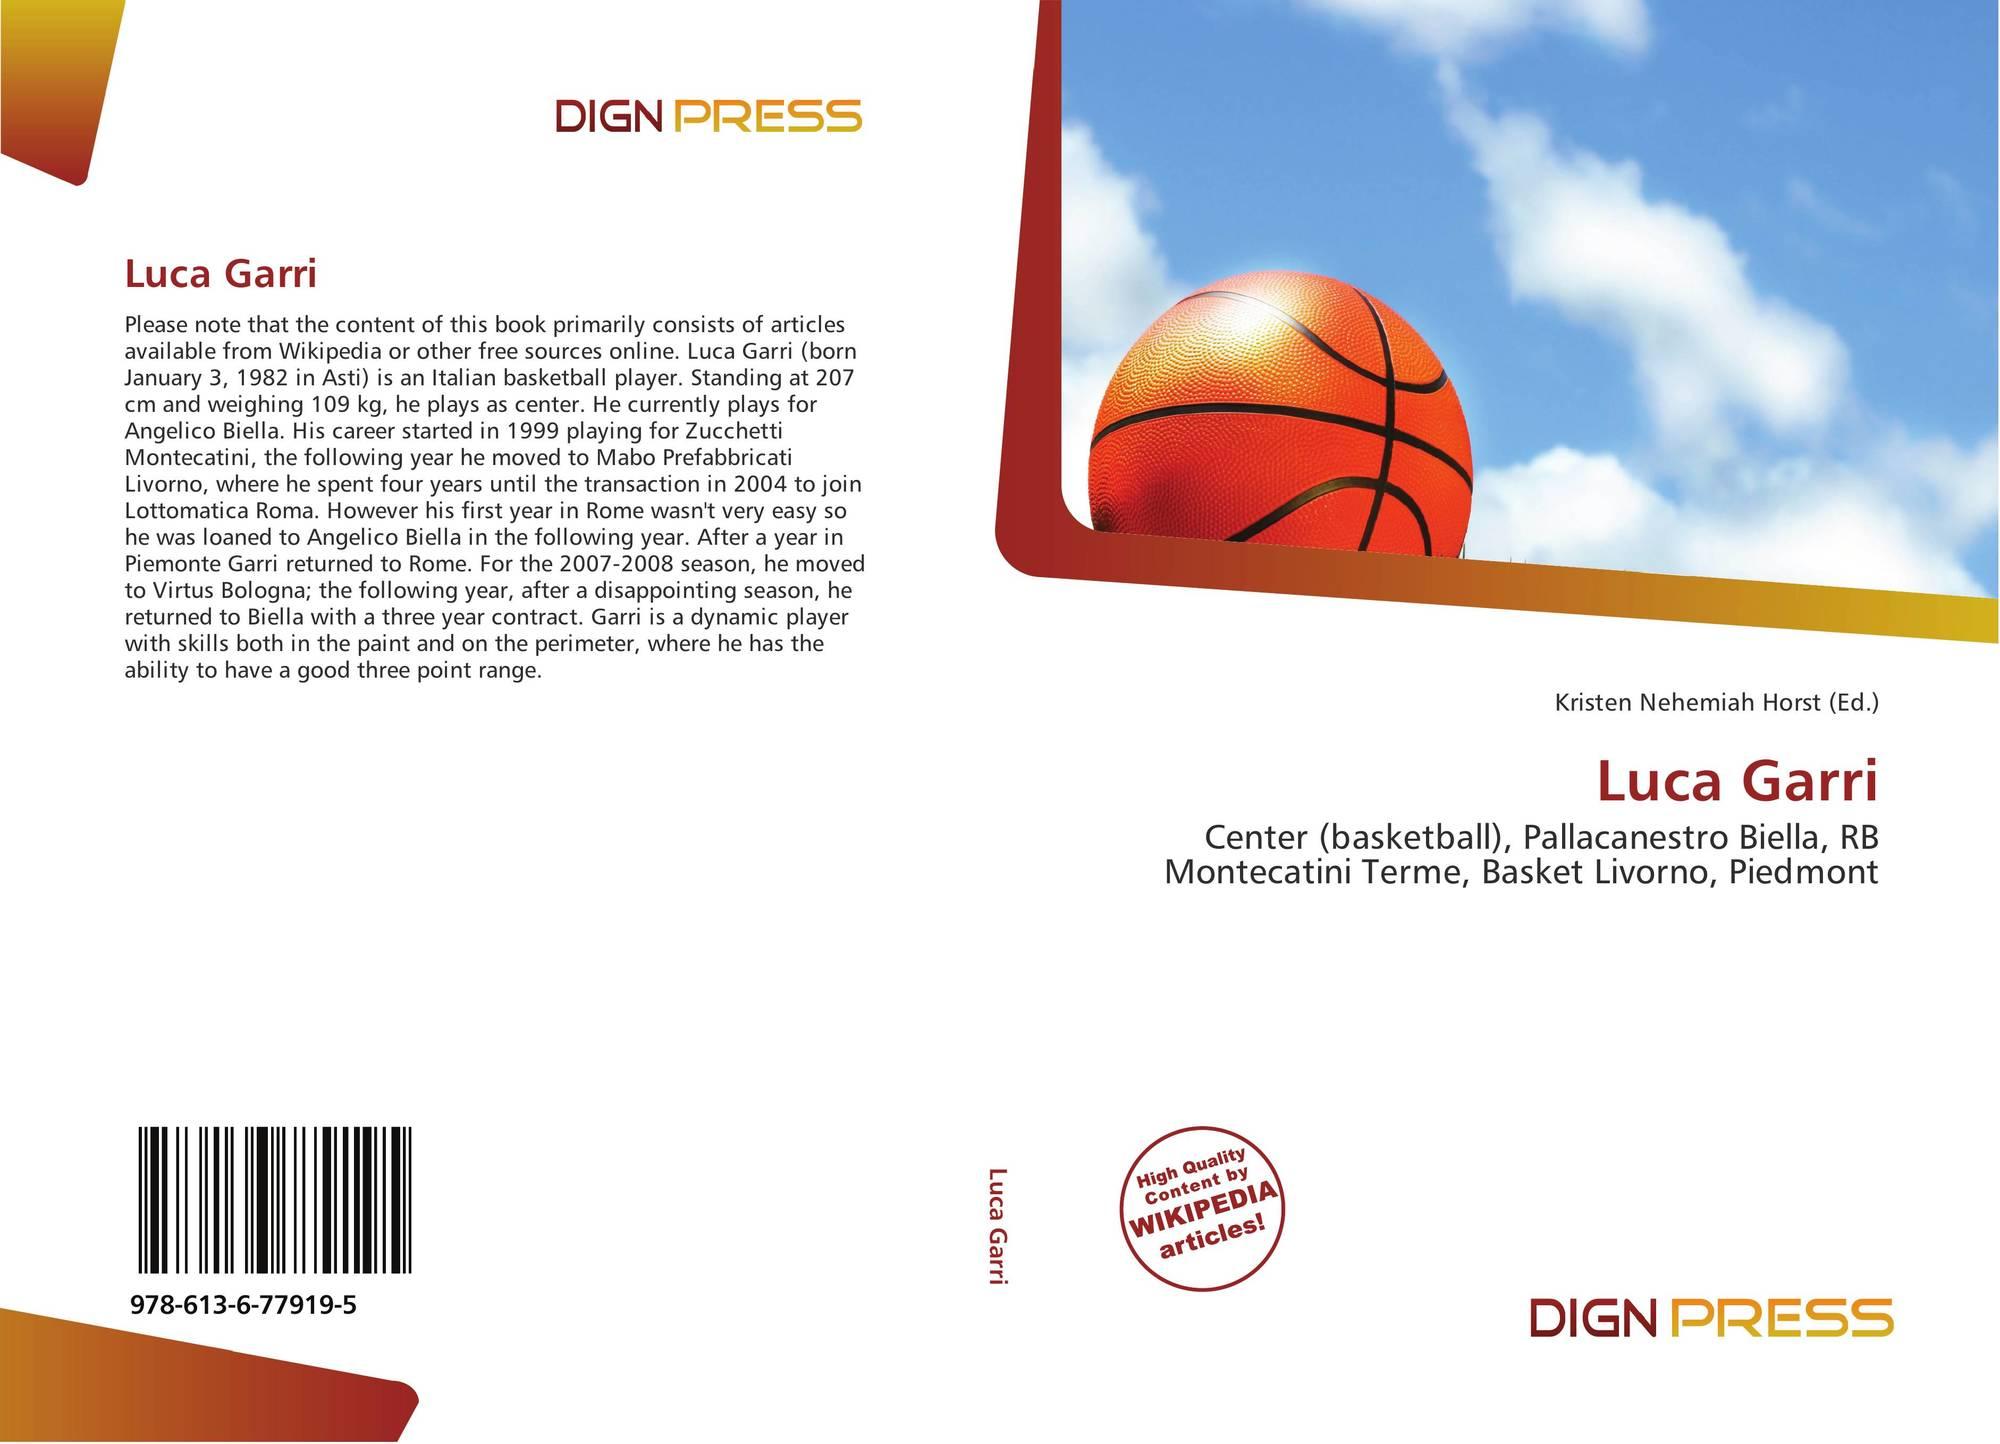 Luca Garri, 978-613-6-77919-5, 6136779196 ,9786136779195